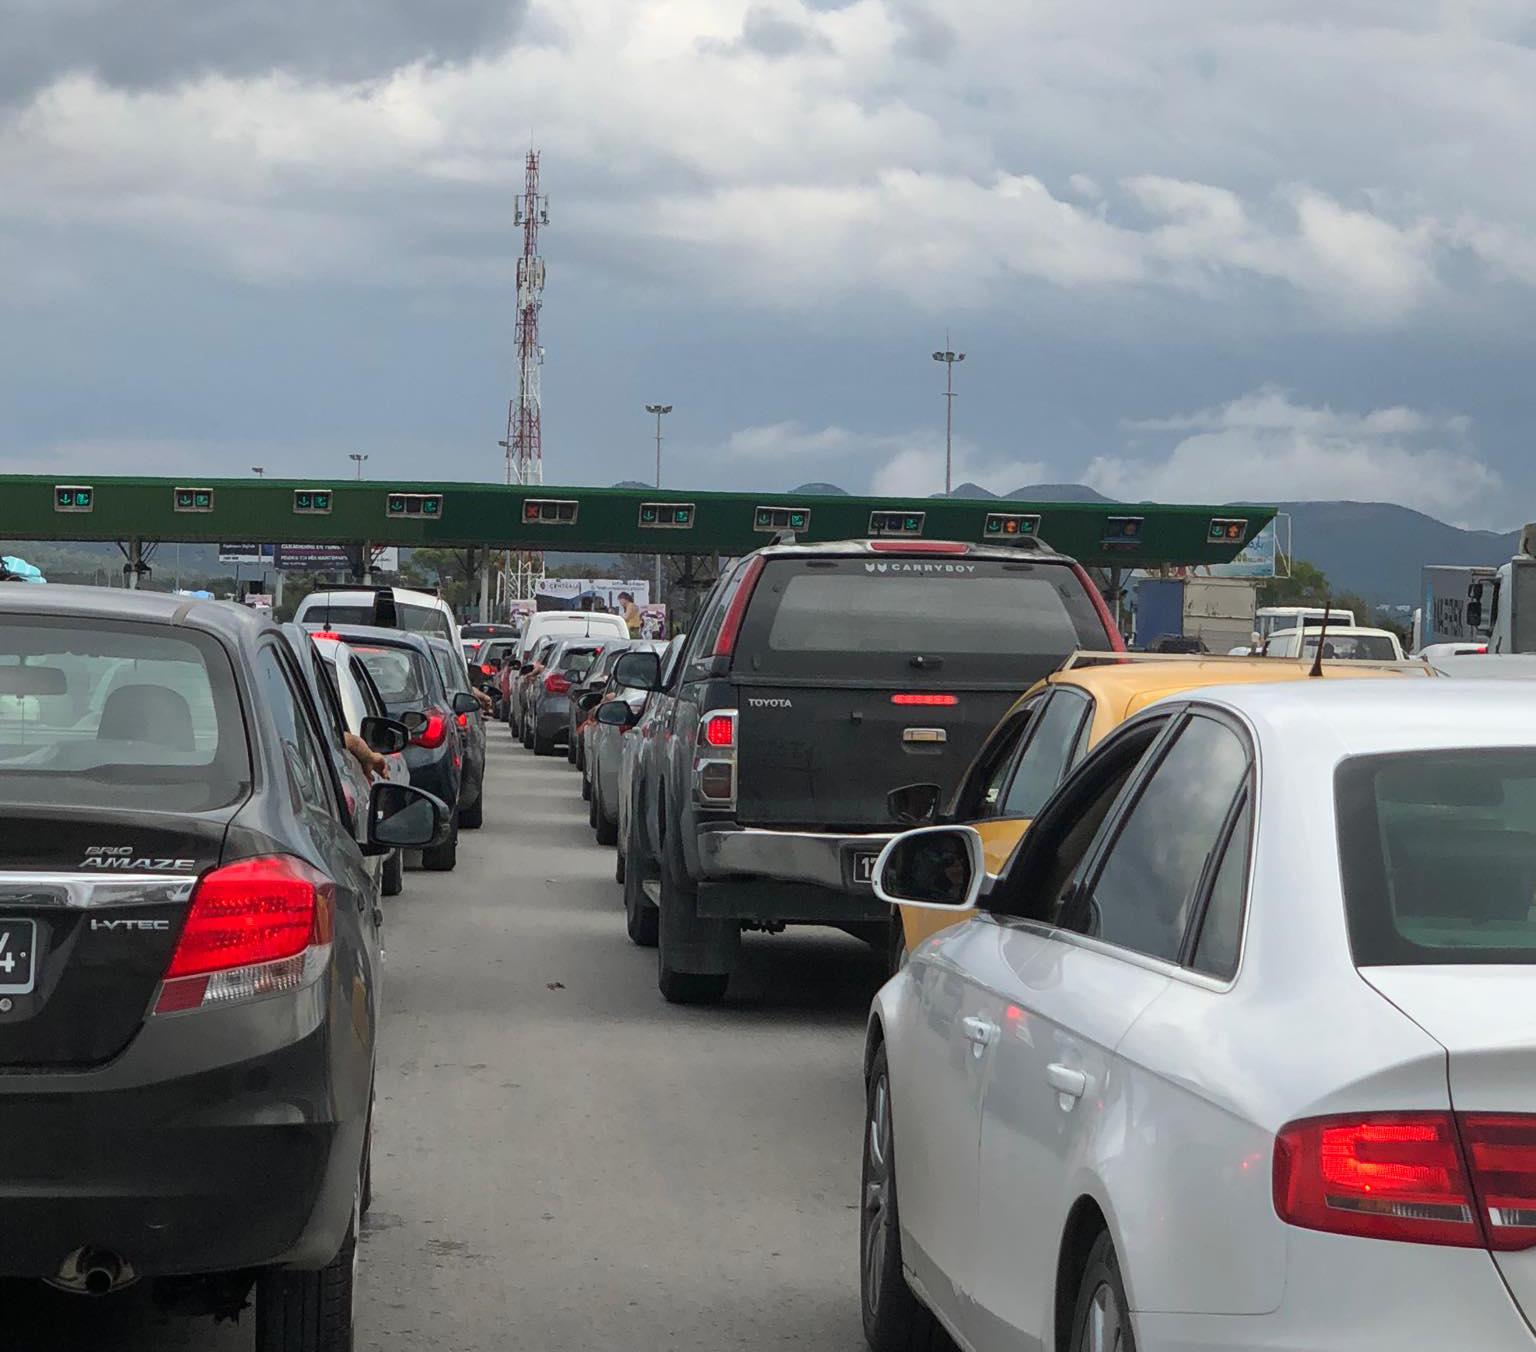 صور/ عشية العيد: اختناق حركة المرور بمحطّة الاستخلاص في المرناقية